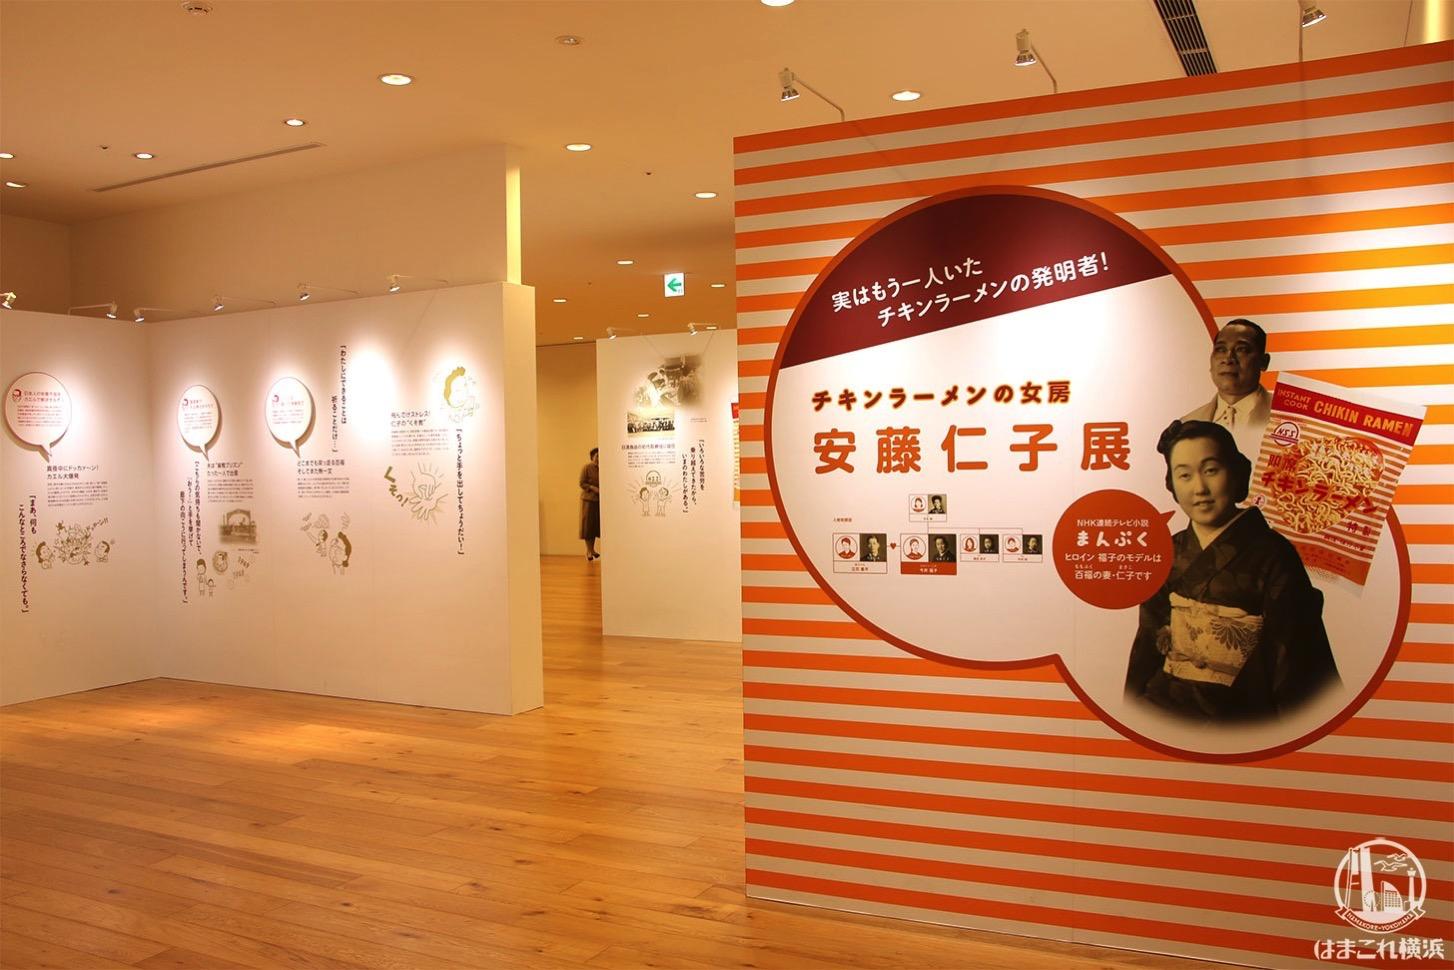 カップヌードルミュージアム 横浜で朝ドラ「まんぷく」モデル夫婦の展示が人気!